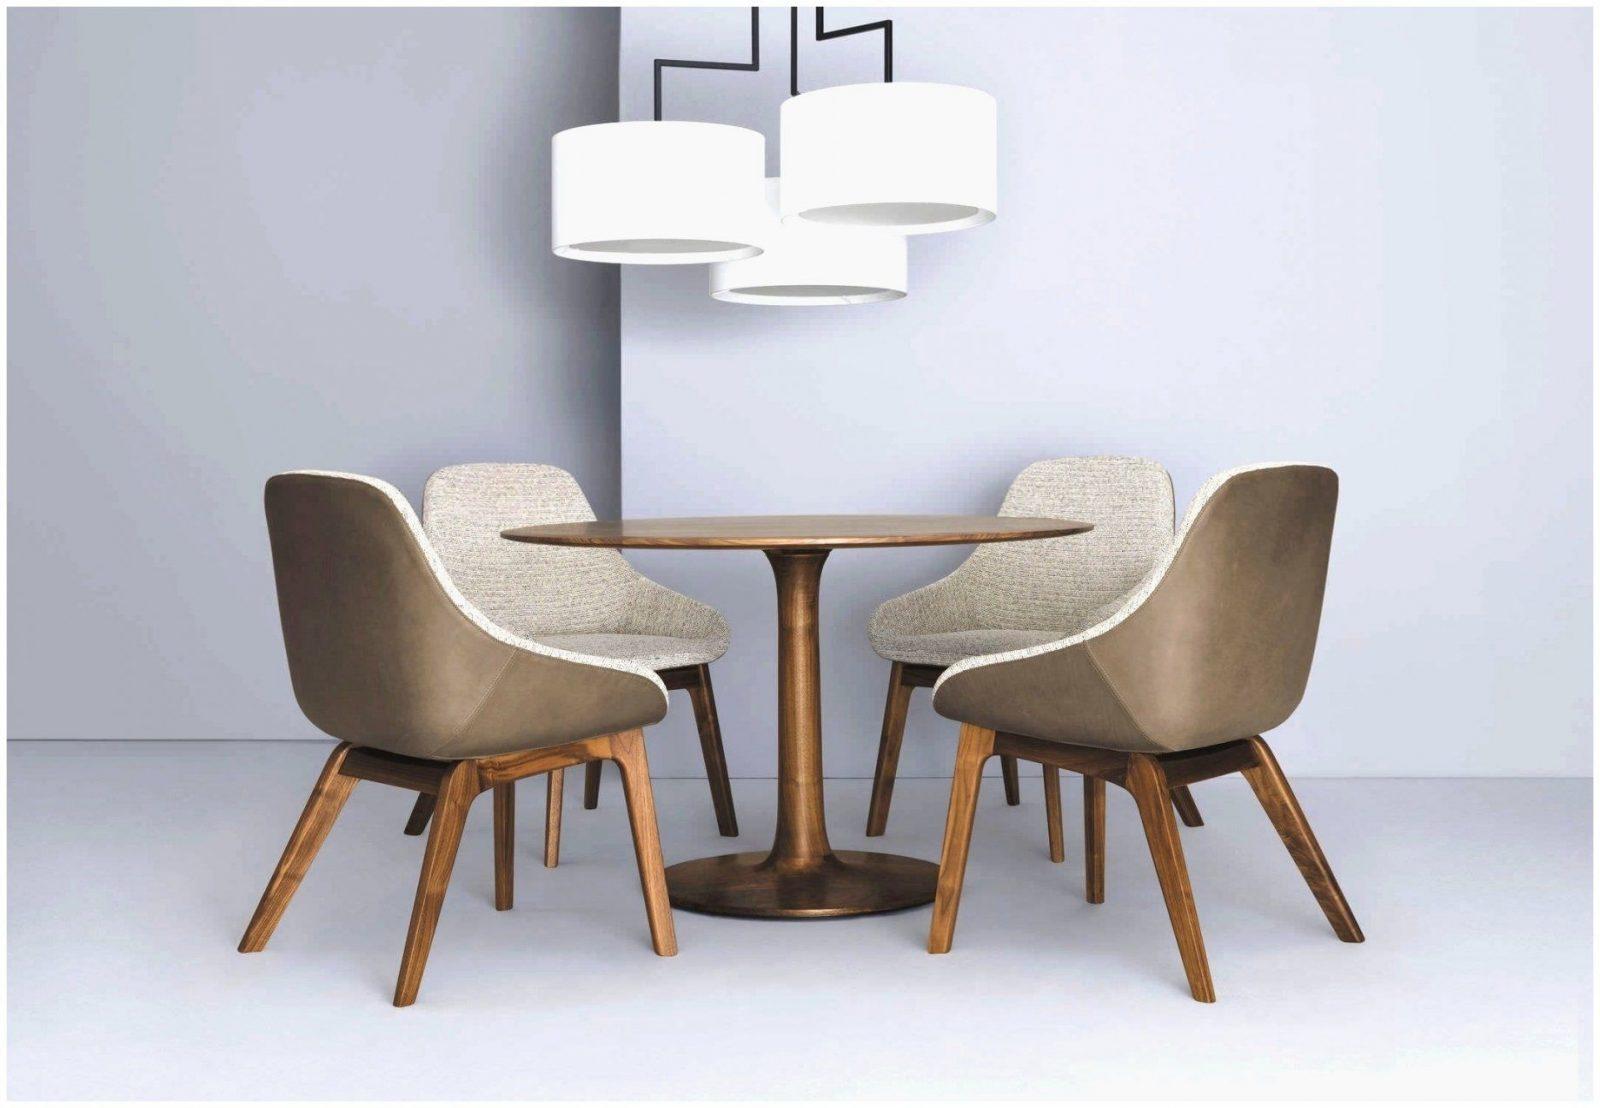 Einzigartig Gastronomie Gebrauchte Tische Und Stühle